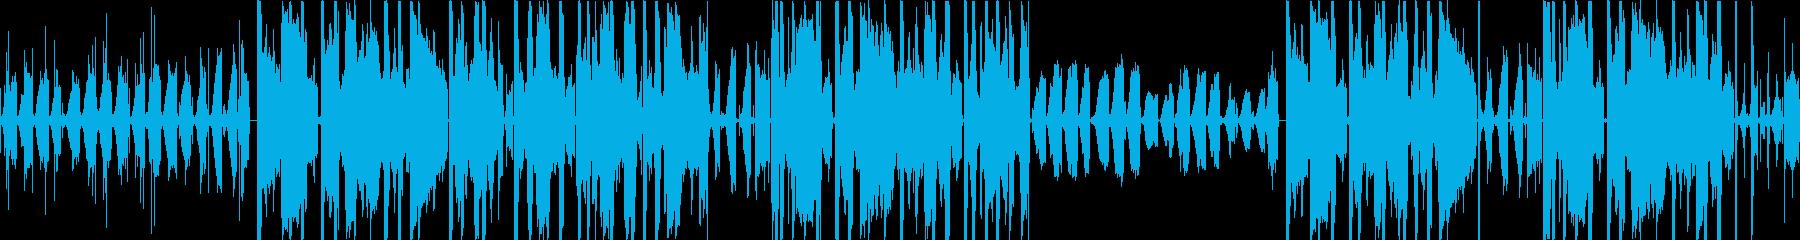 深夜のLo-Fiビートの再生済みの波形